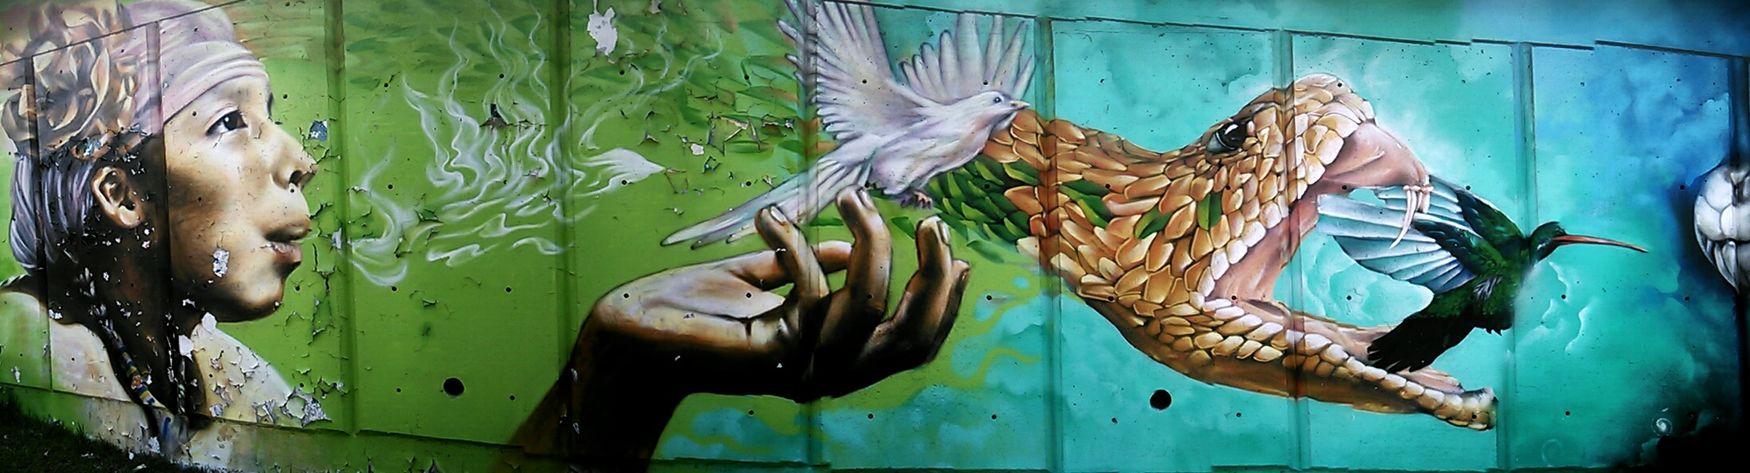 Art Street Art Graffiti EyeEm Masterclass Open Edit Graffiti Art